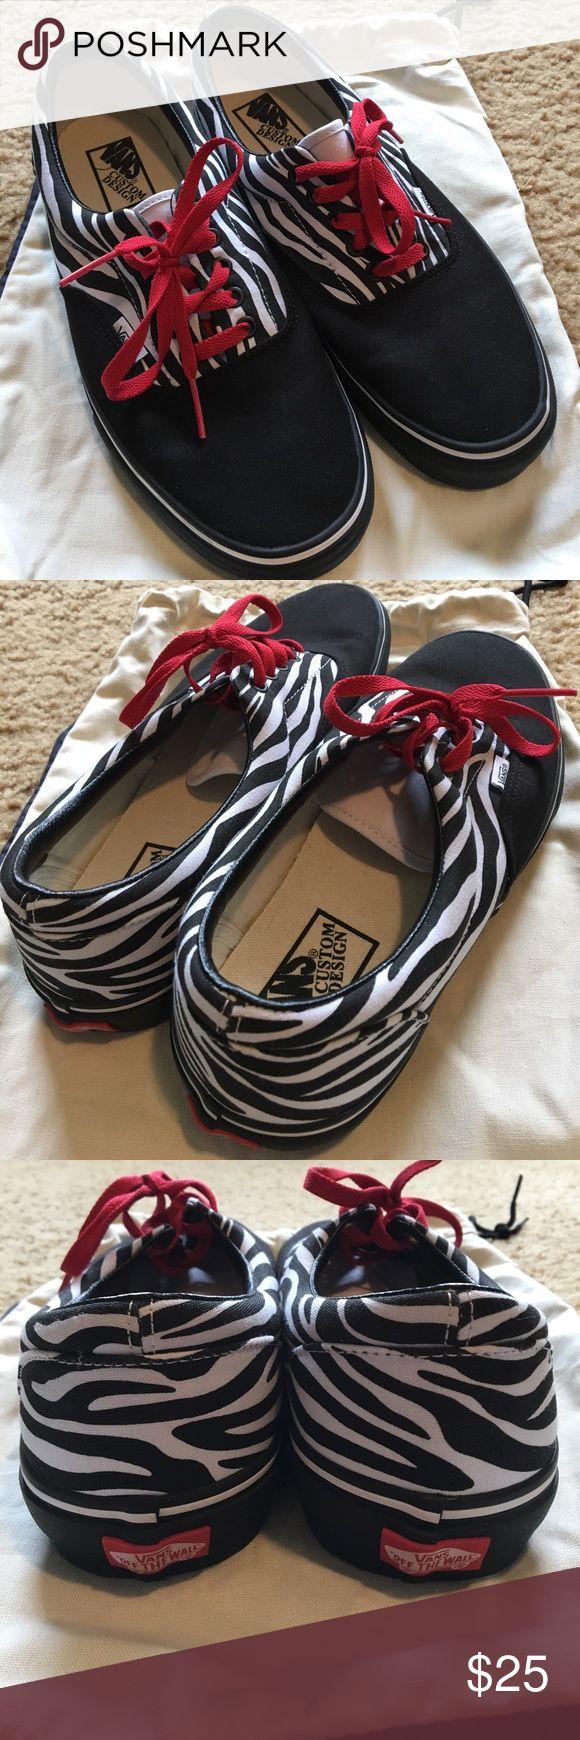 Vans custom tennis shoes - men's size 11.0 Vans custom tennis shoes men's US size 11.0. Never worn. Vans Shoes Sneakers